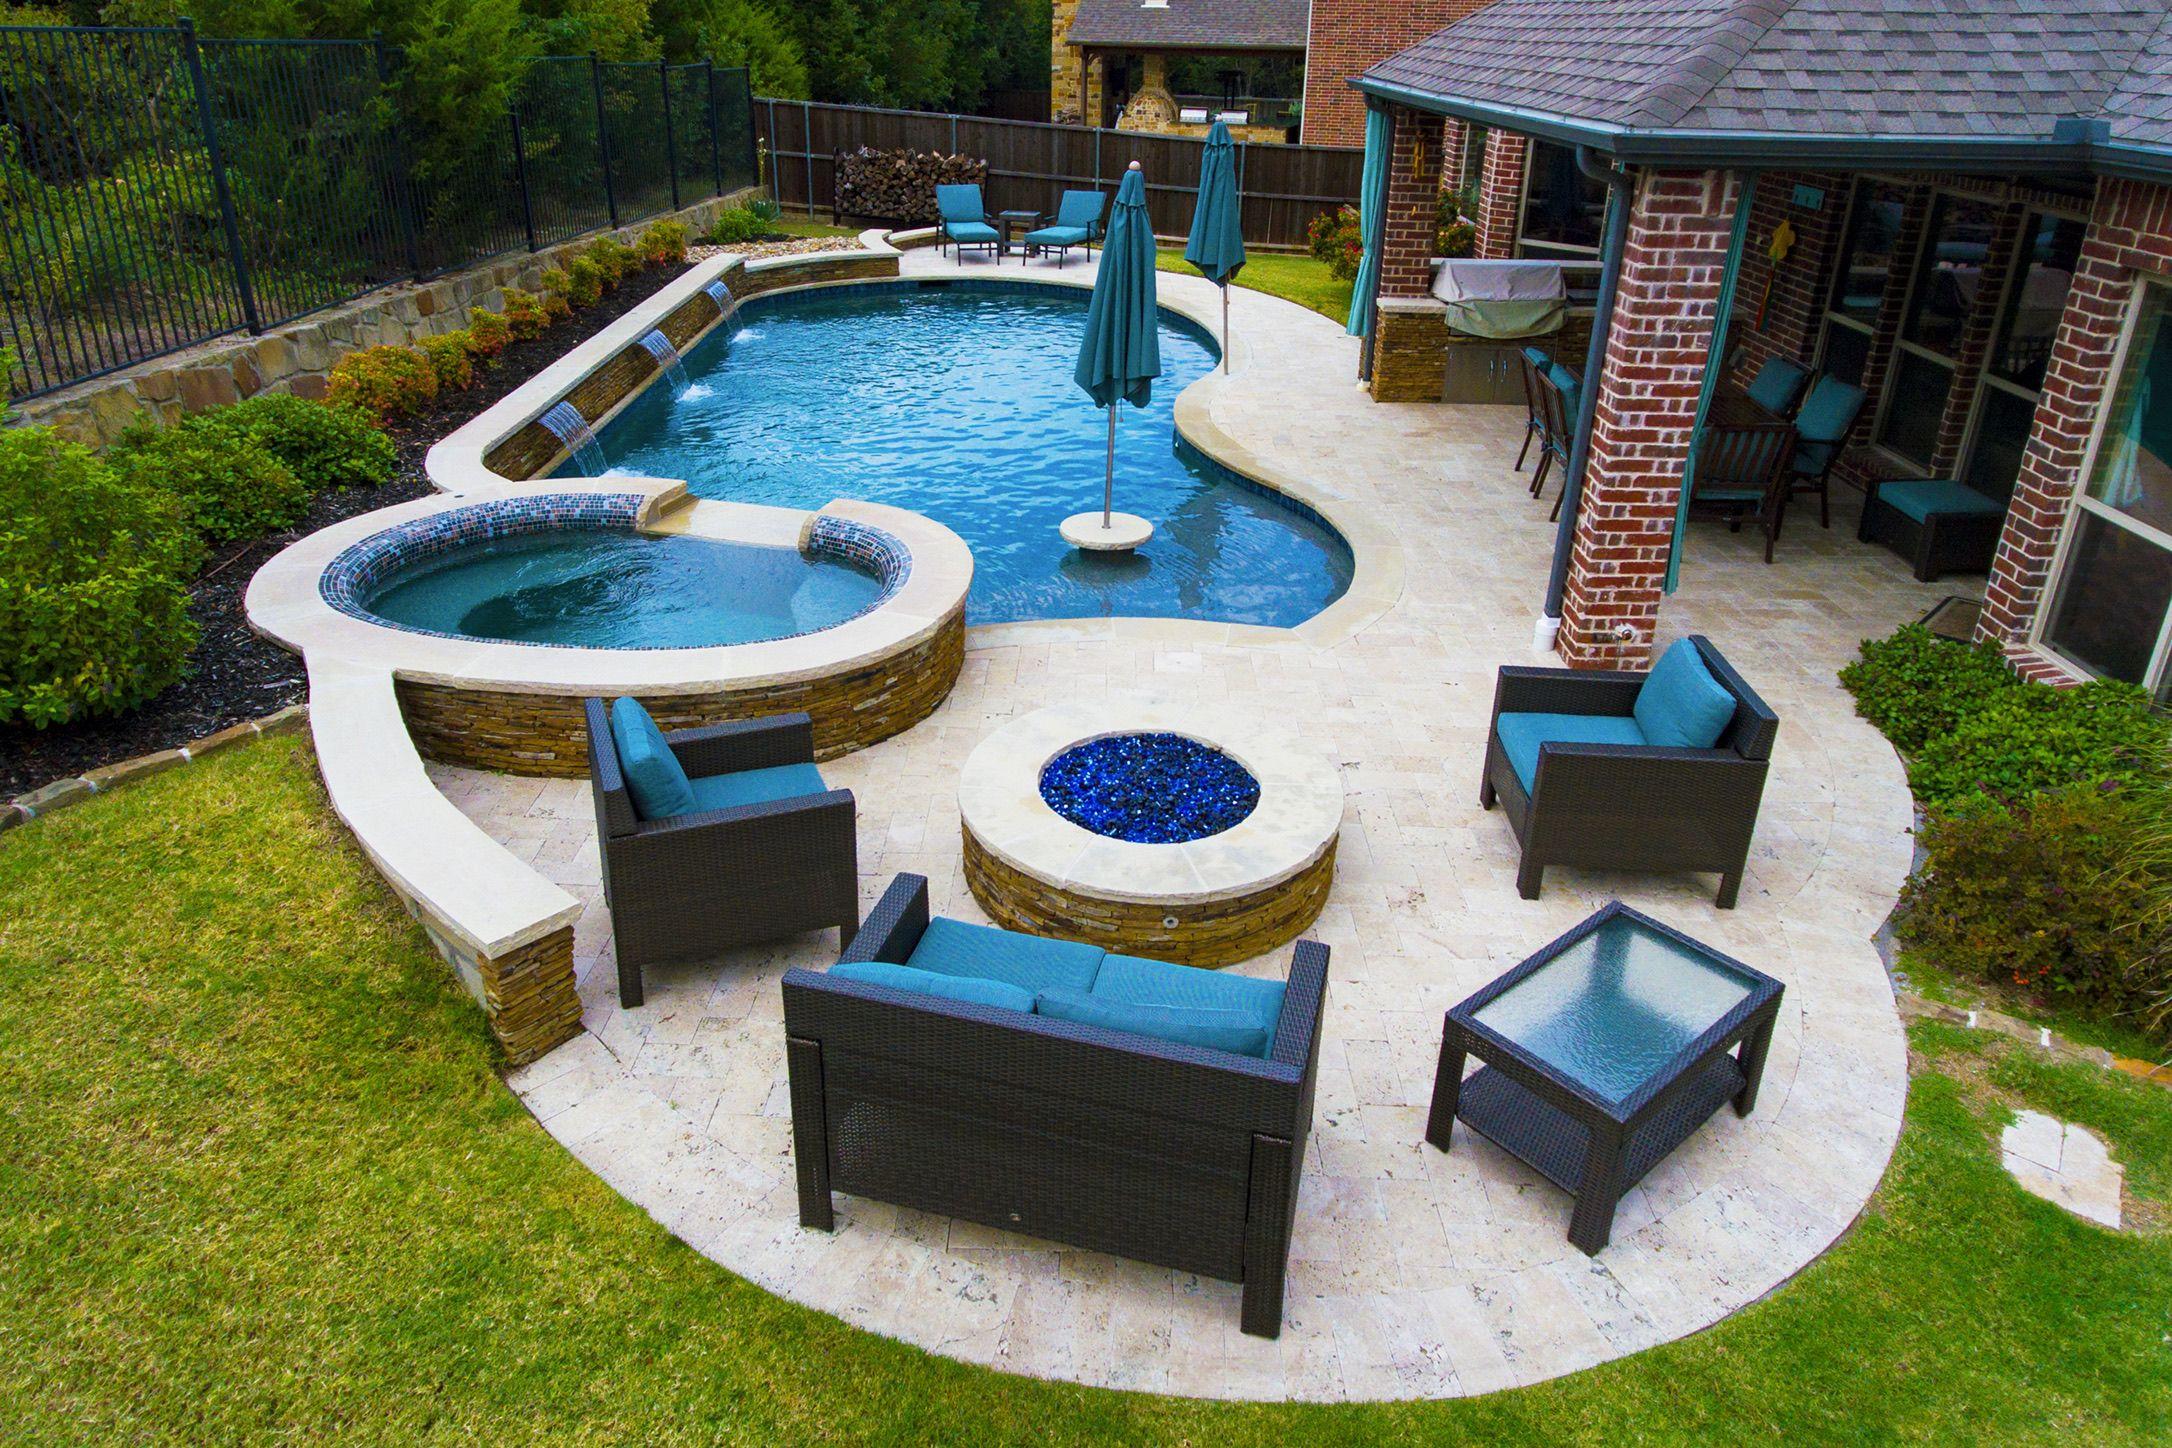 rockwall pool design dallas photo gallery outdoor living freeform